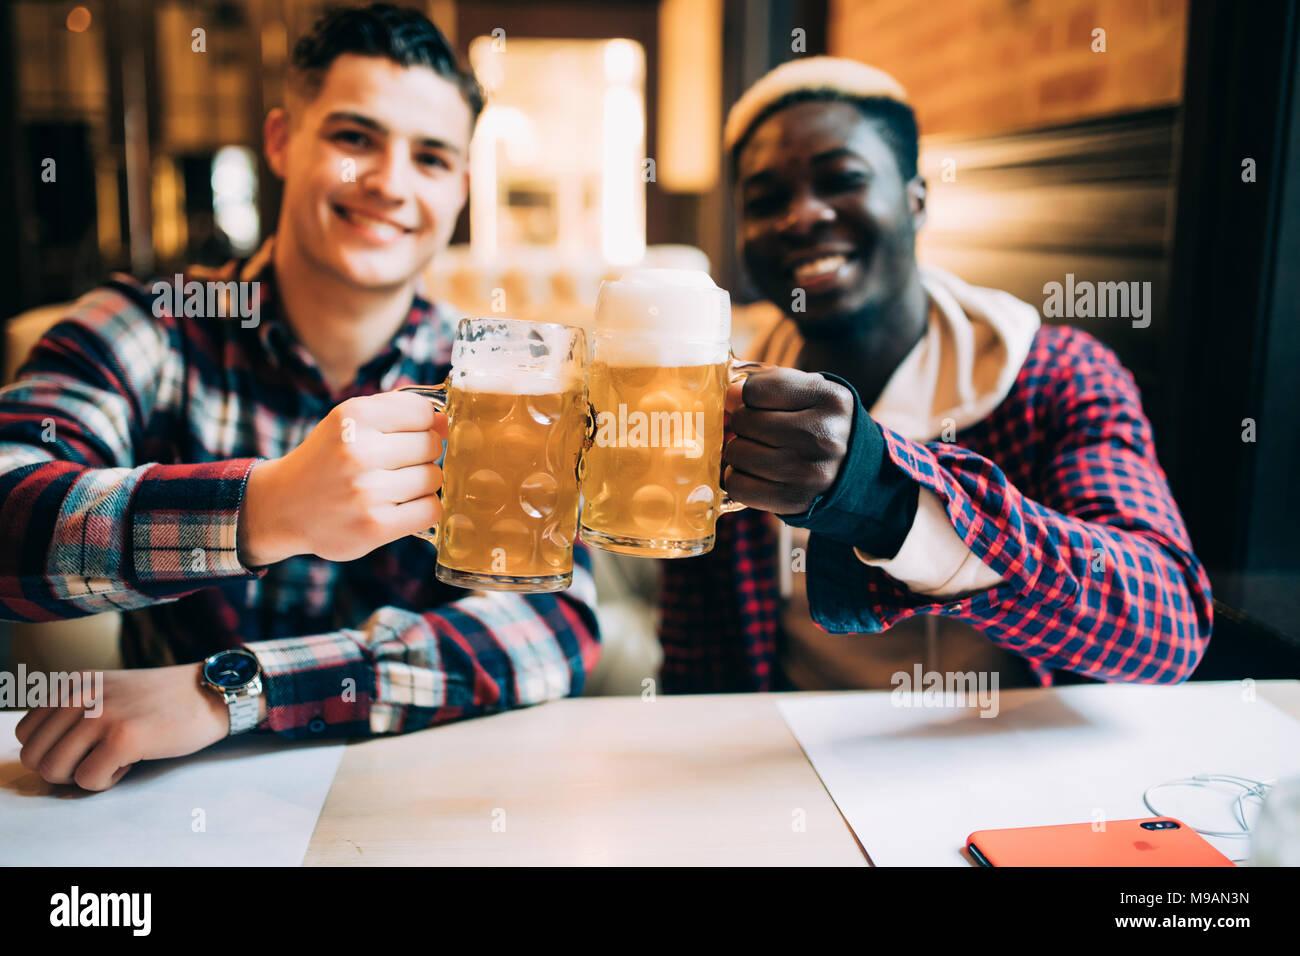 Deux meilleurs amis ou camarades de collège ayant la bière dans un pub. Homme African parle à son ami de race blanche, looking at camera Photo Stock